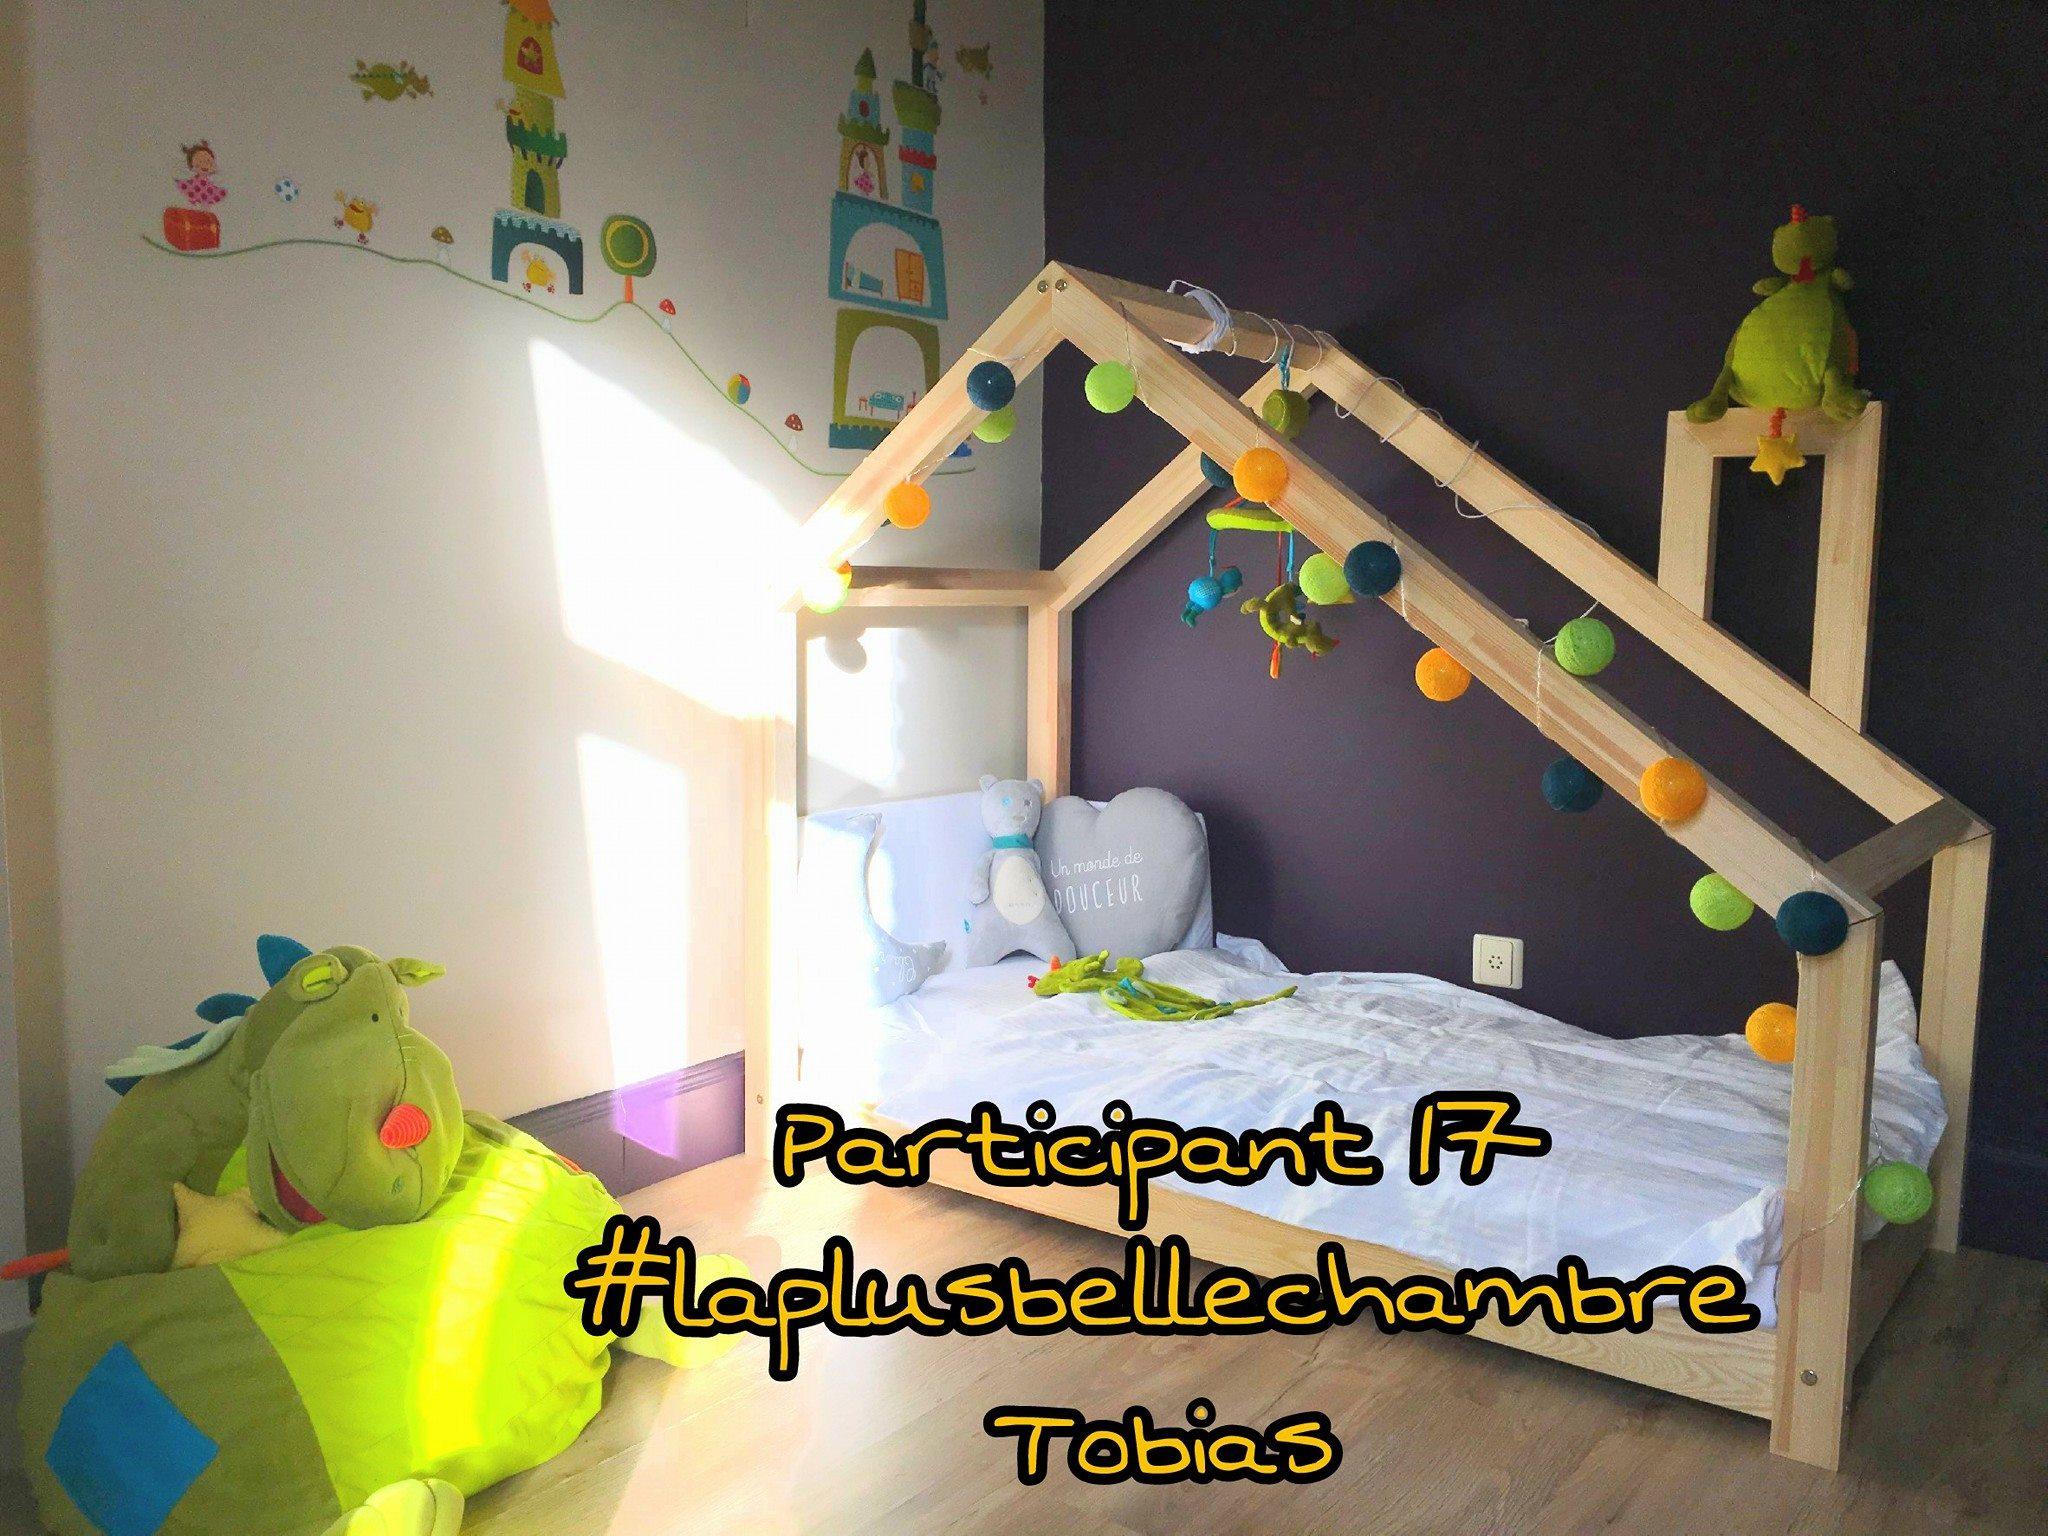 17 Tobias